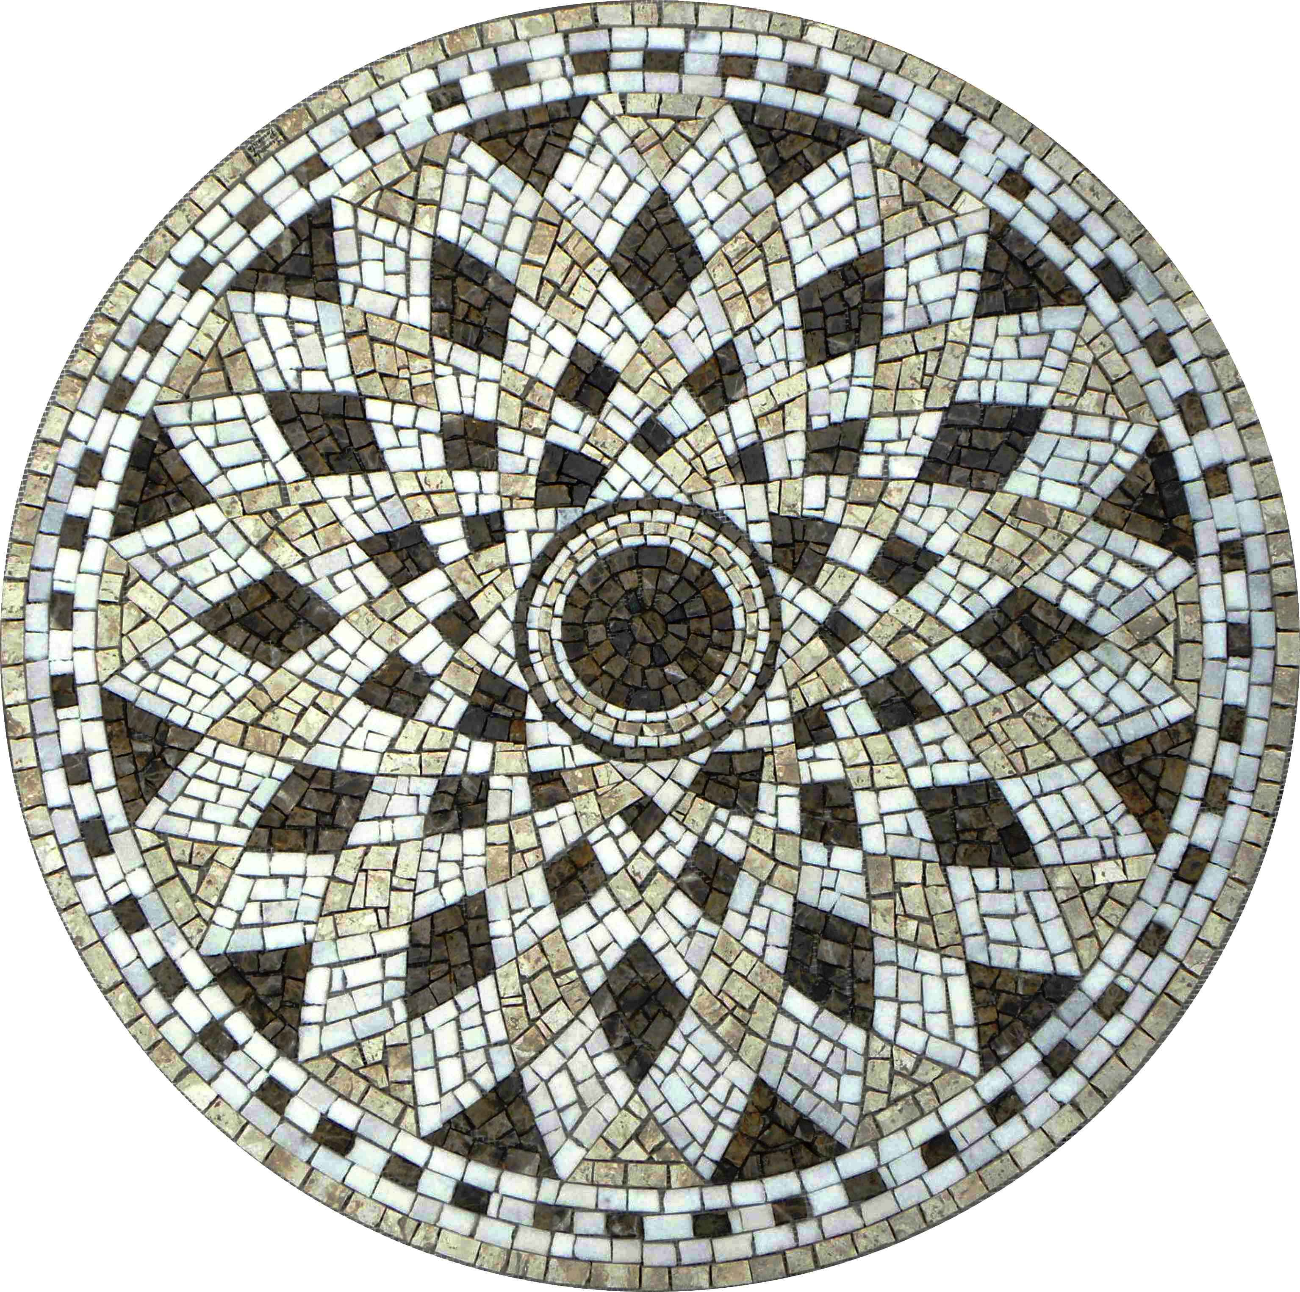 Mosaico mosaico romano semente de girassol for Mosaico para piso